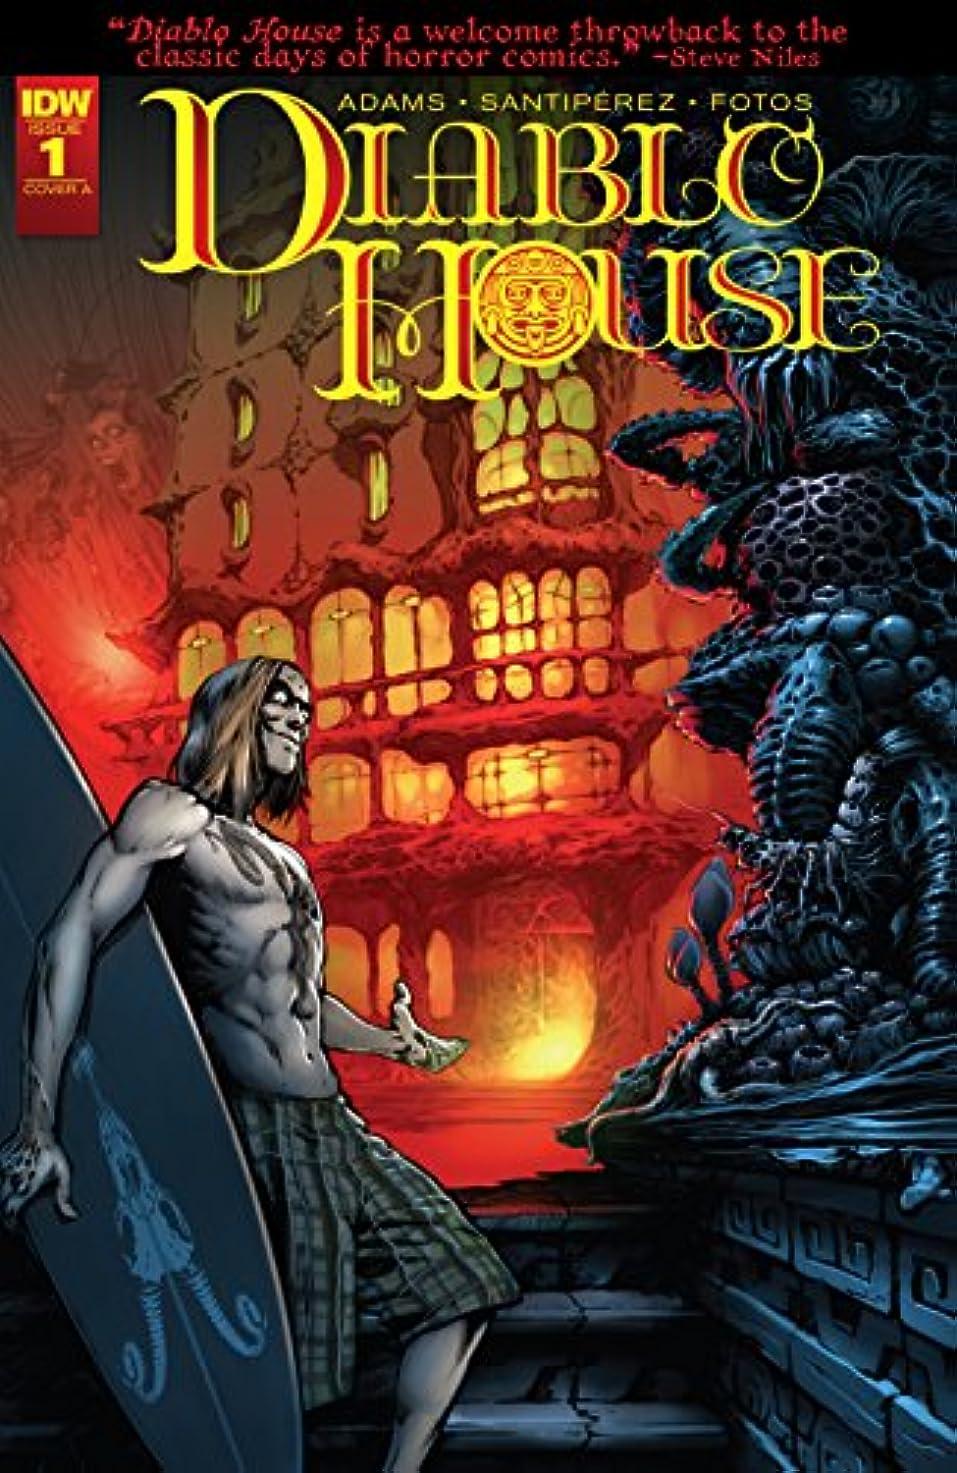 磁器扱う痴漢Diablo House #1 (English Edition)